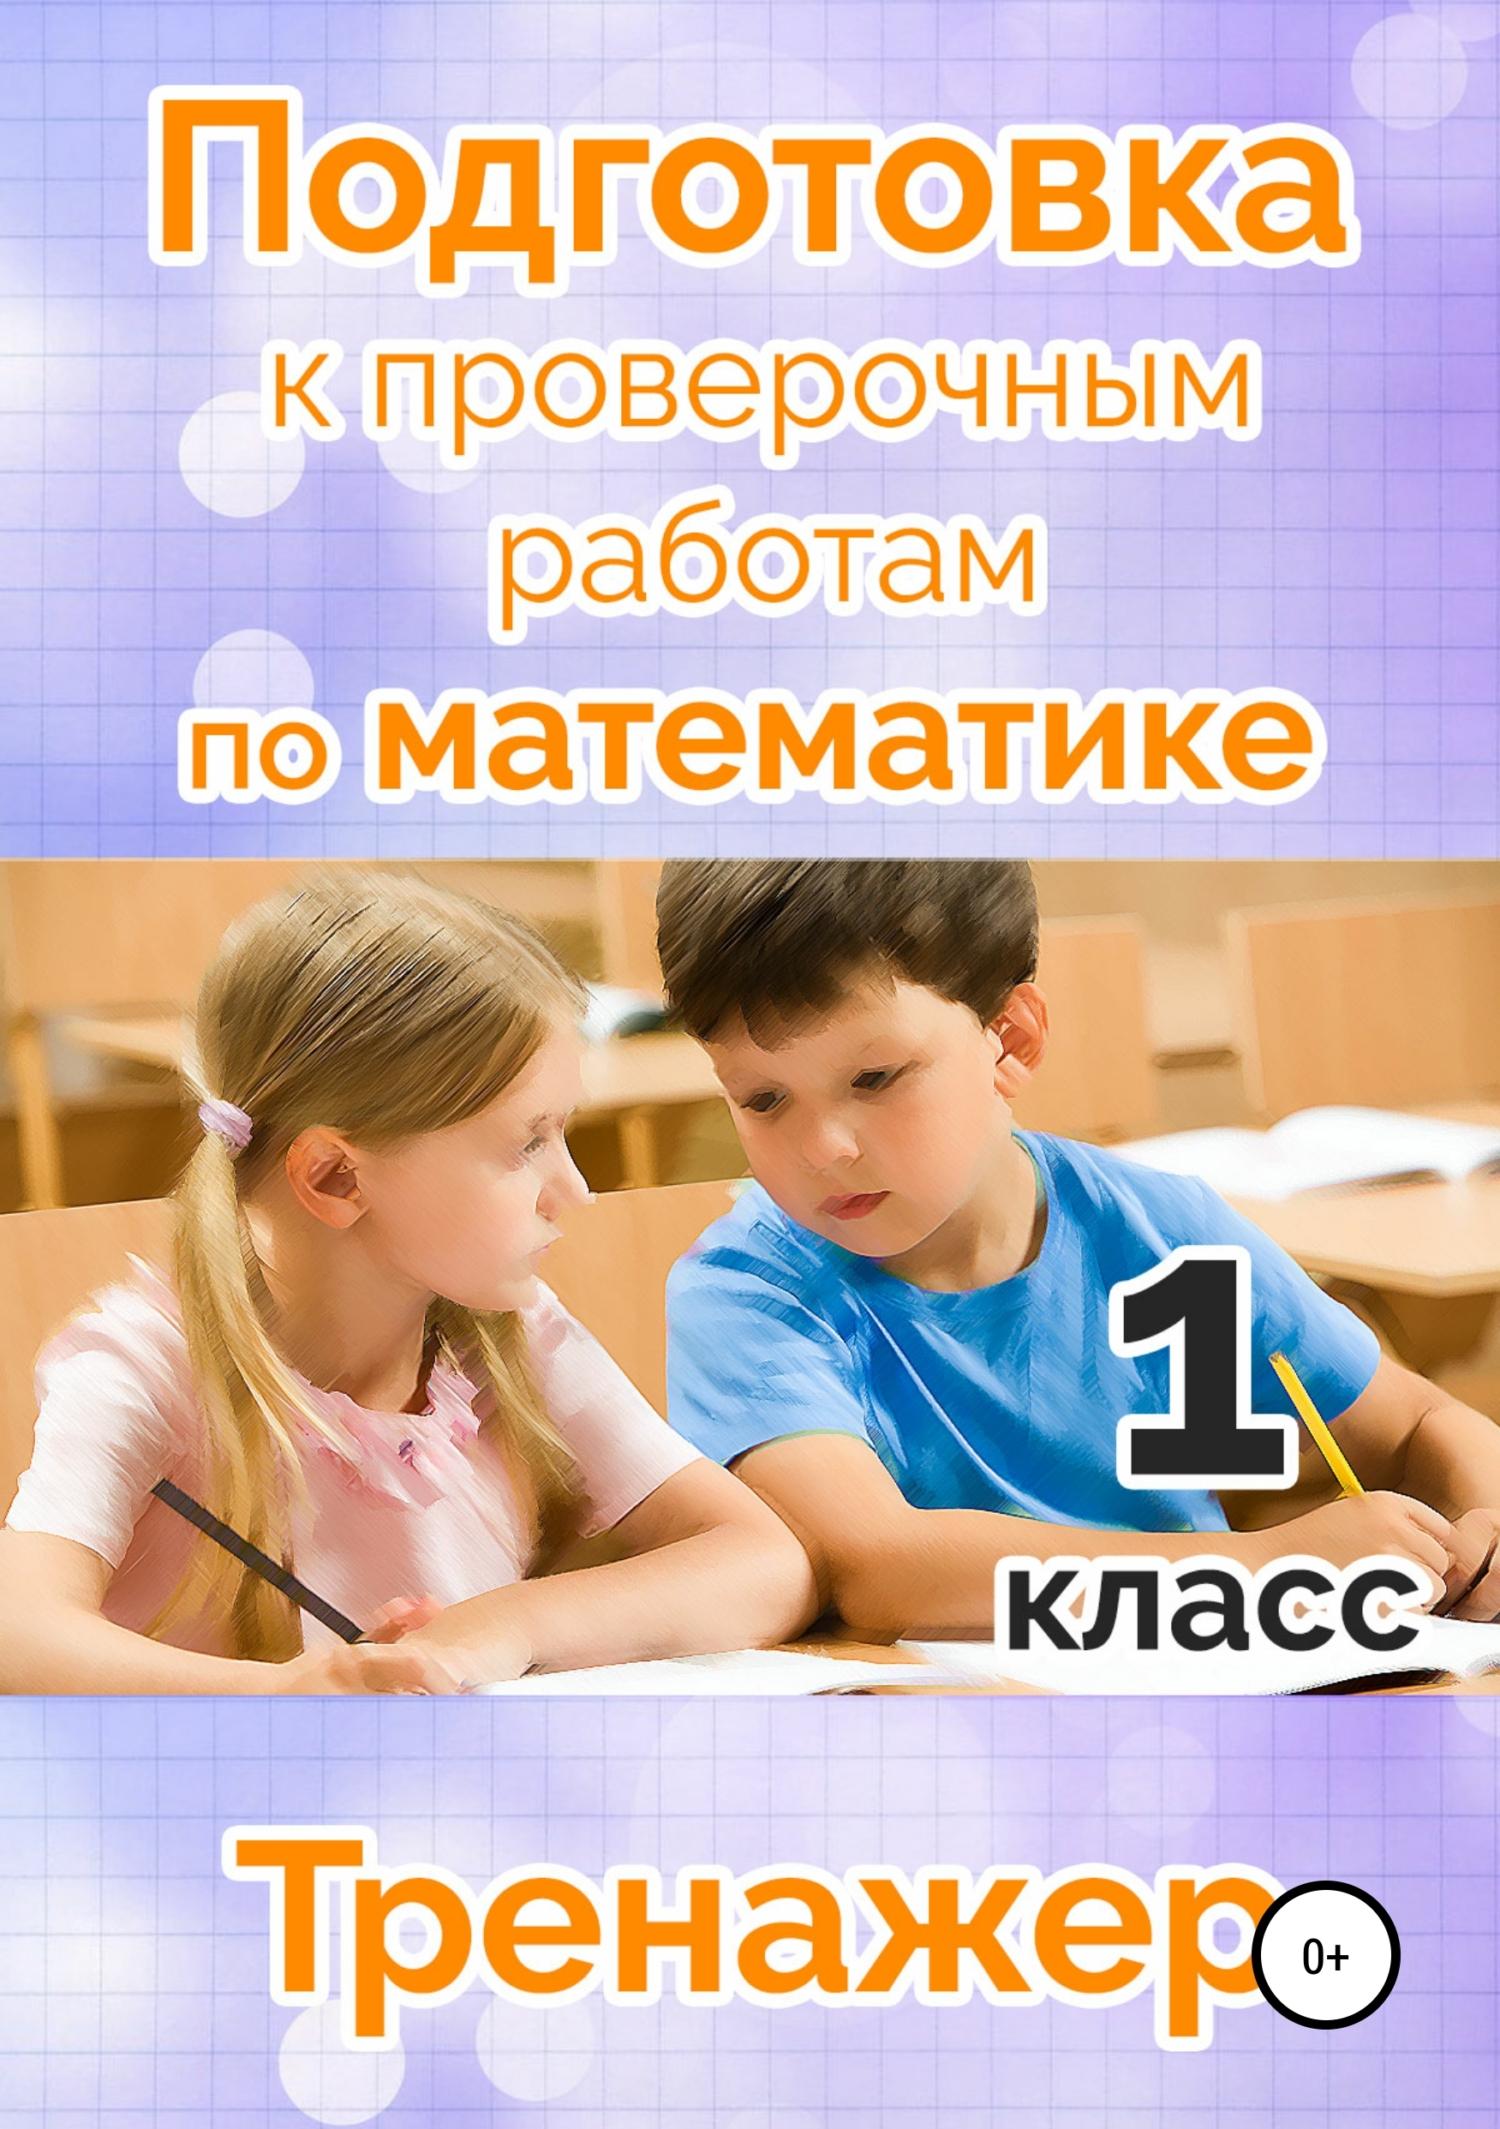 М. Н. Алимпиева Подготовка к проверочным работам по математике. 1 класс шахматова в в шефер о р физика подготовка к всероссийским проверочным работам 8 класс